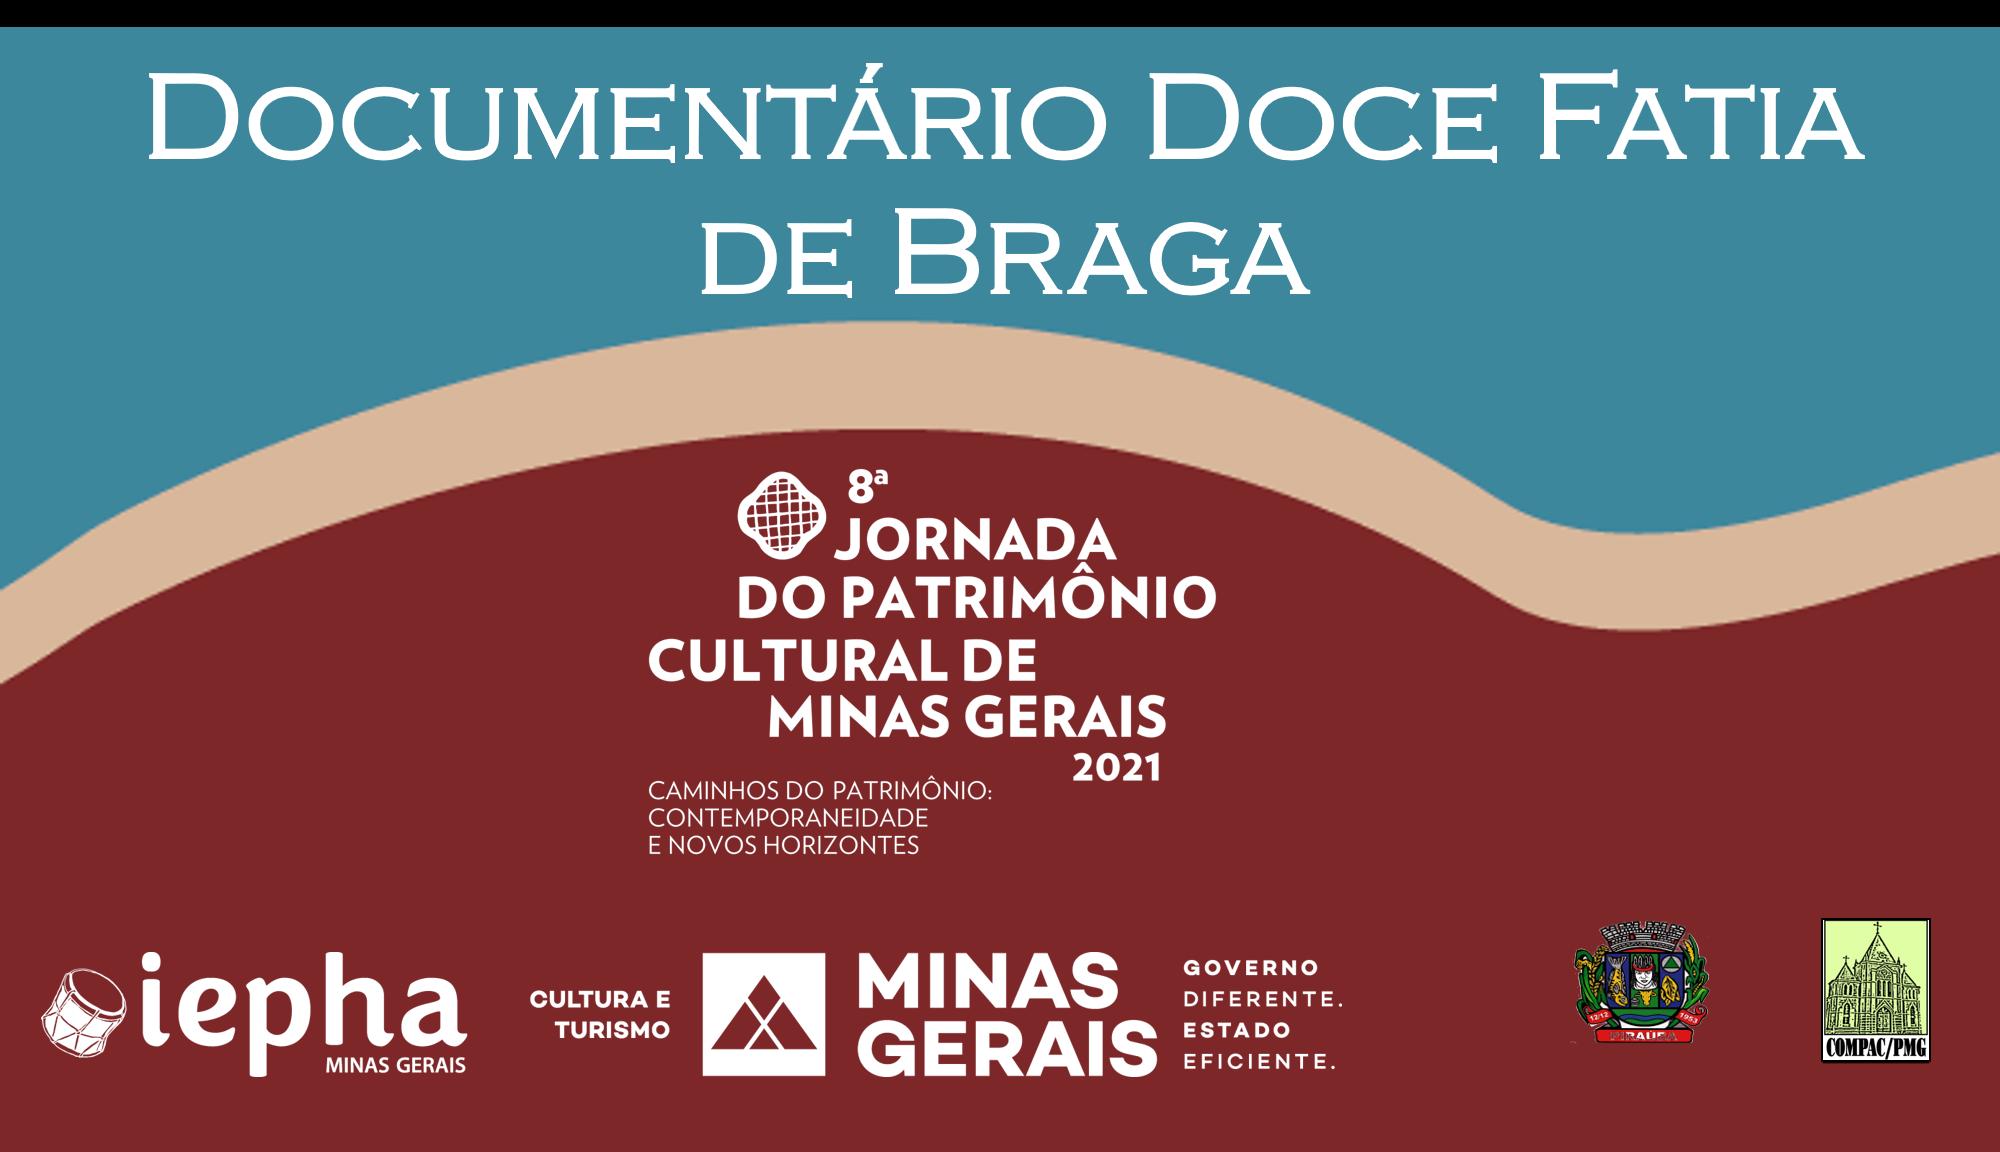 Documentário Doce Fatia de Braga